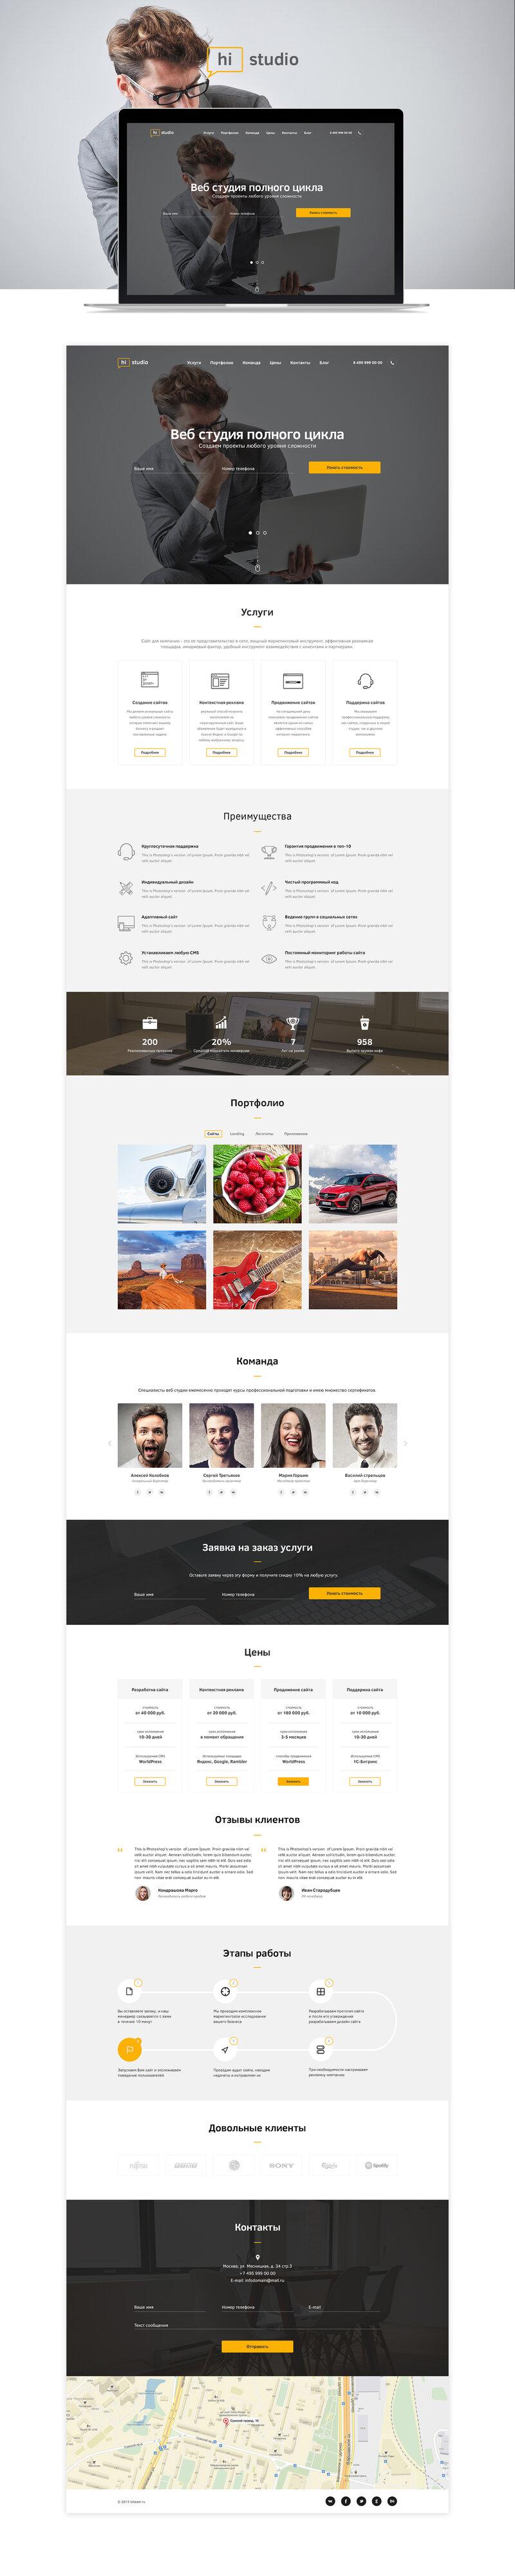 hi-studio-uiteam_0.jpg (1590×7955)